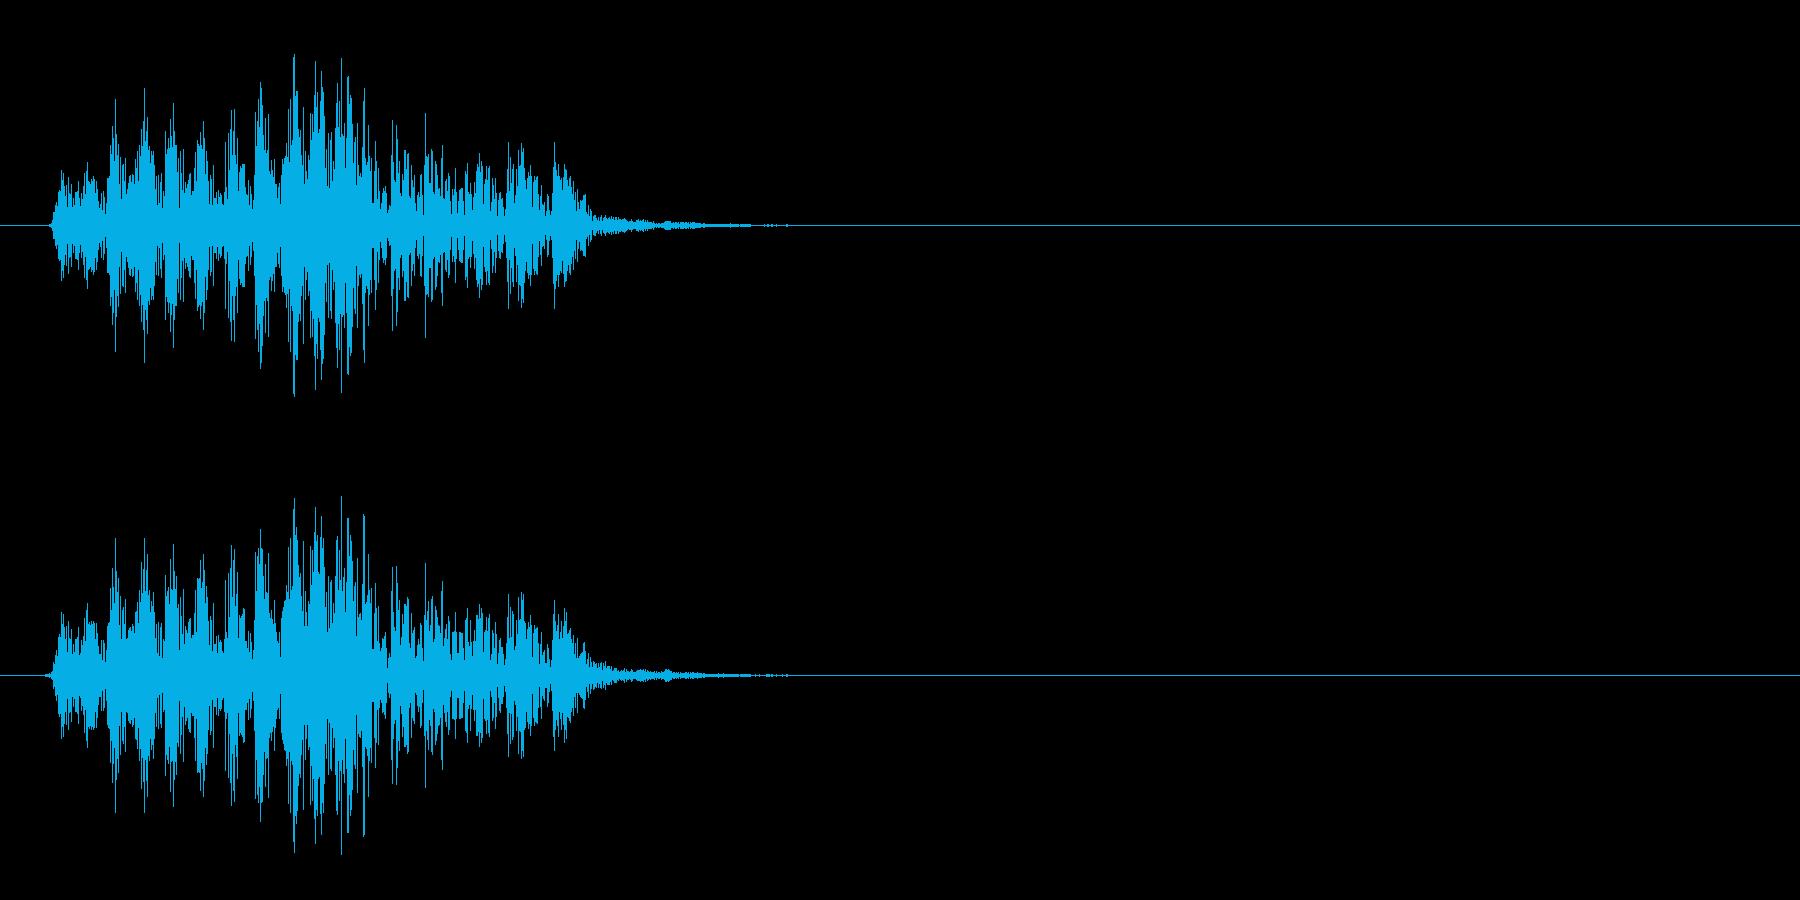 [生録音]ゲップ音01(ショート)の再生済みの波形